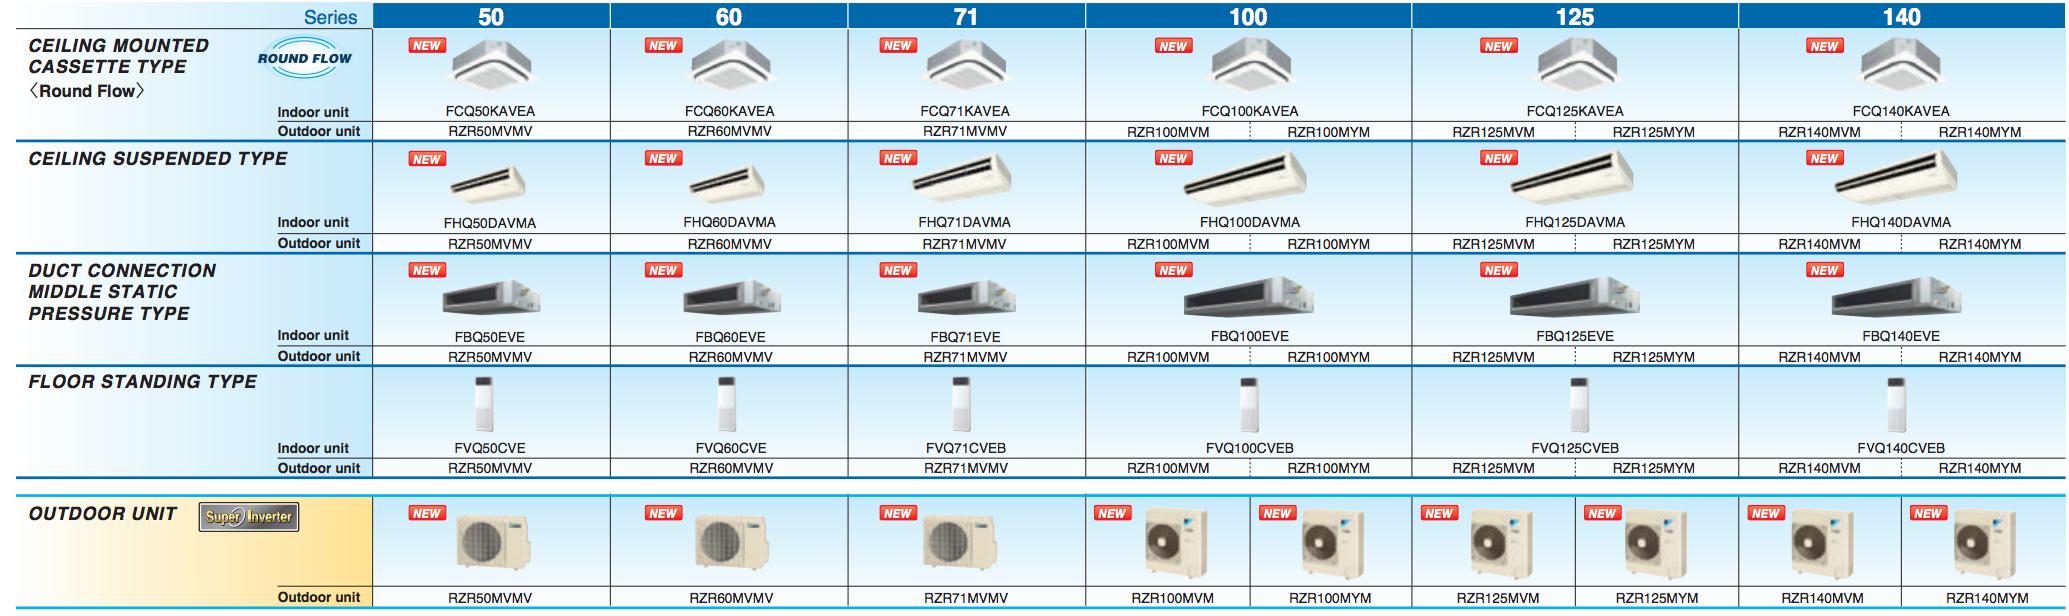 Điều hòa Âm trần nối ống gió Daikin 1 Chiều 48.000Btu | Kiểu dáng dàn lành